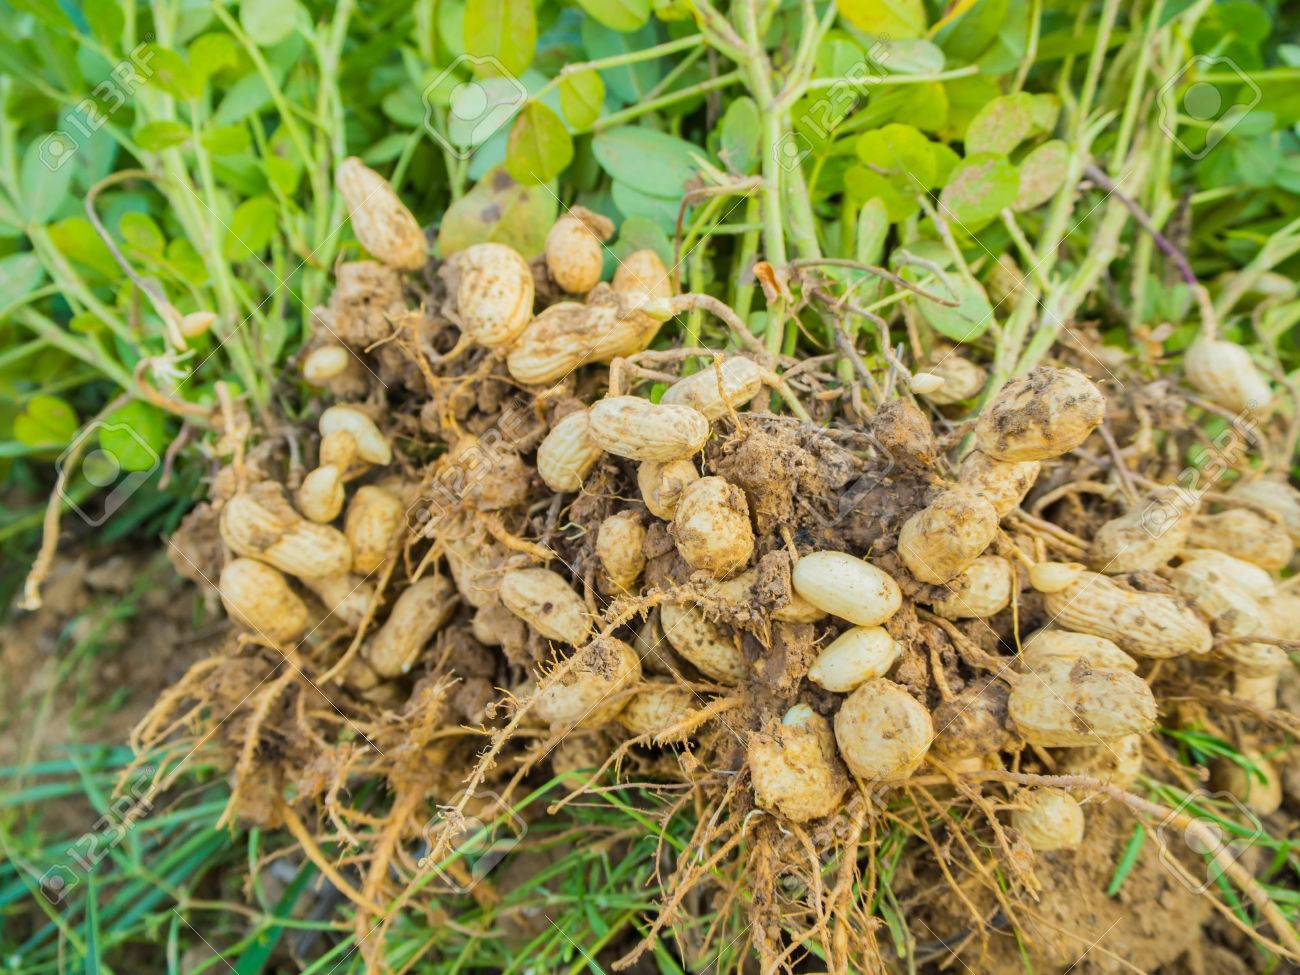 arachides fraîches plantes à racines, d'arachide banque d'images et